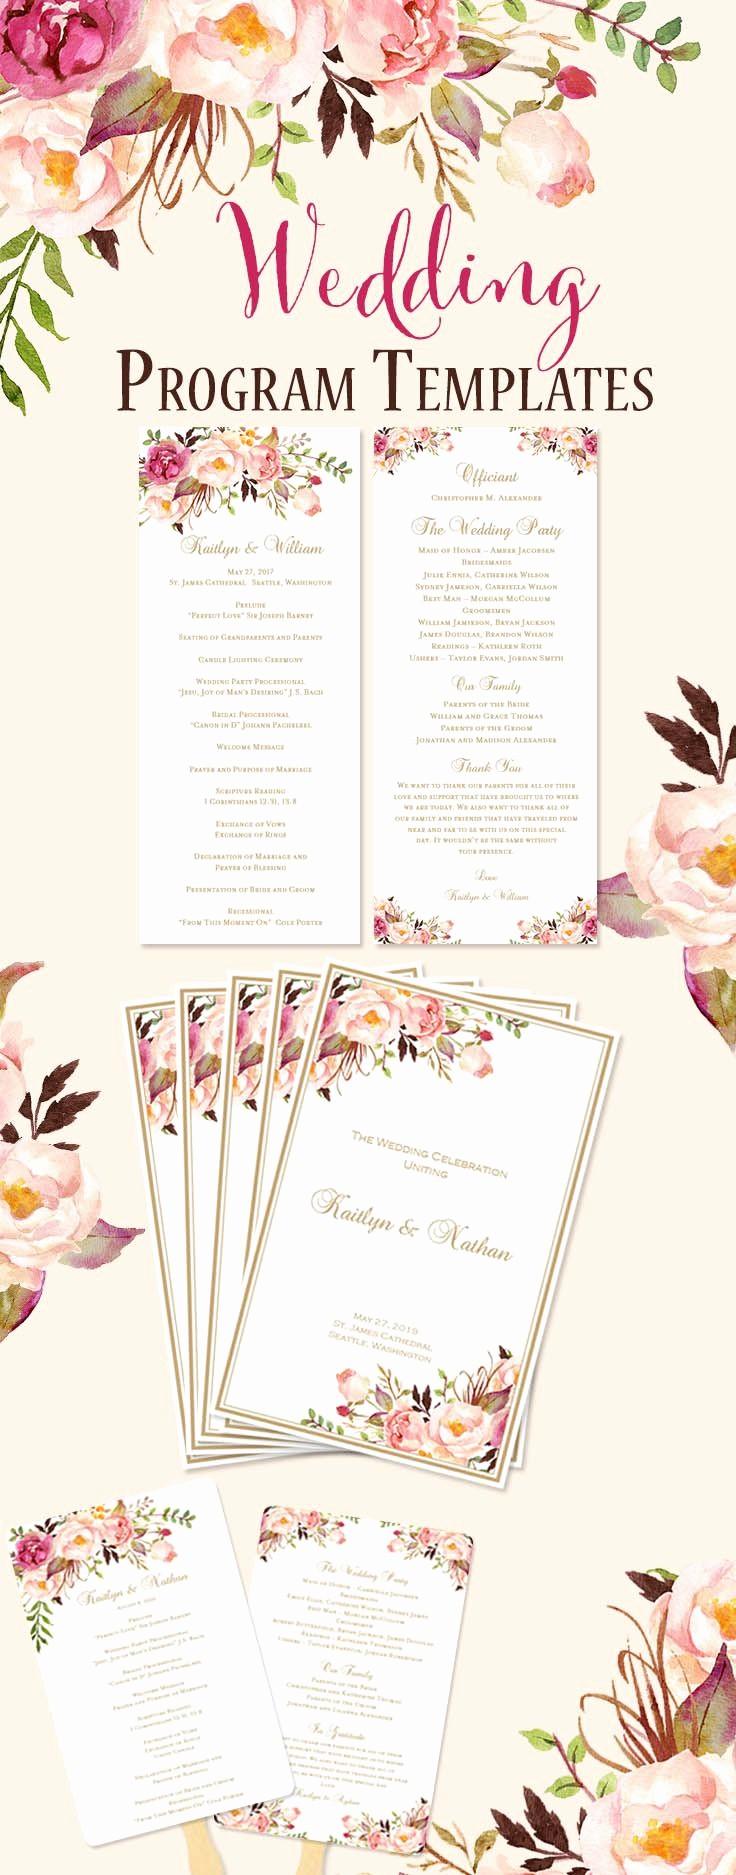 Catholic Wedding Program Template Free Lovely Best 25 Wedding Program Templates Ideas On Pinterest